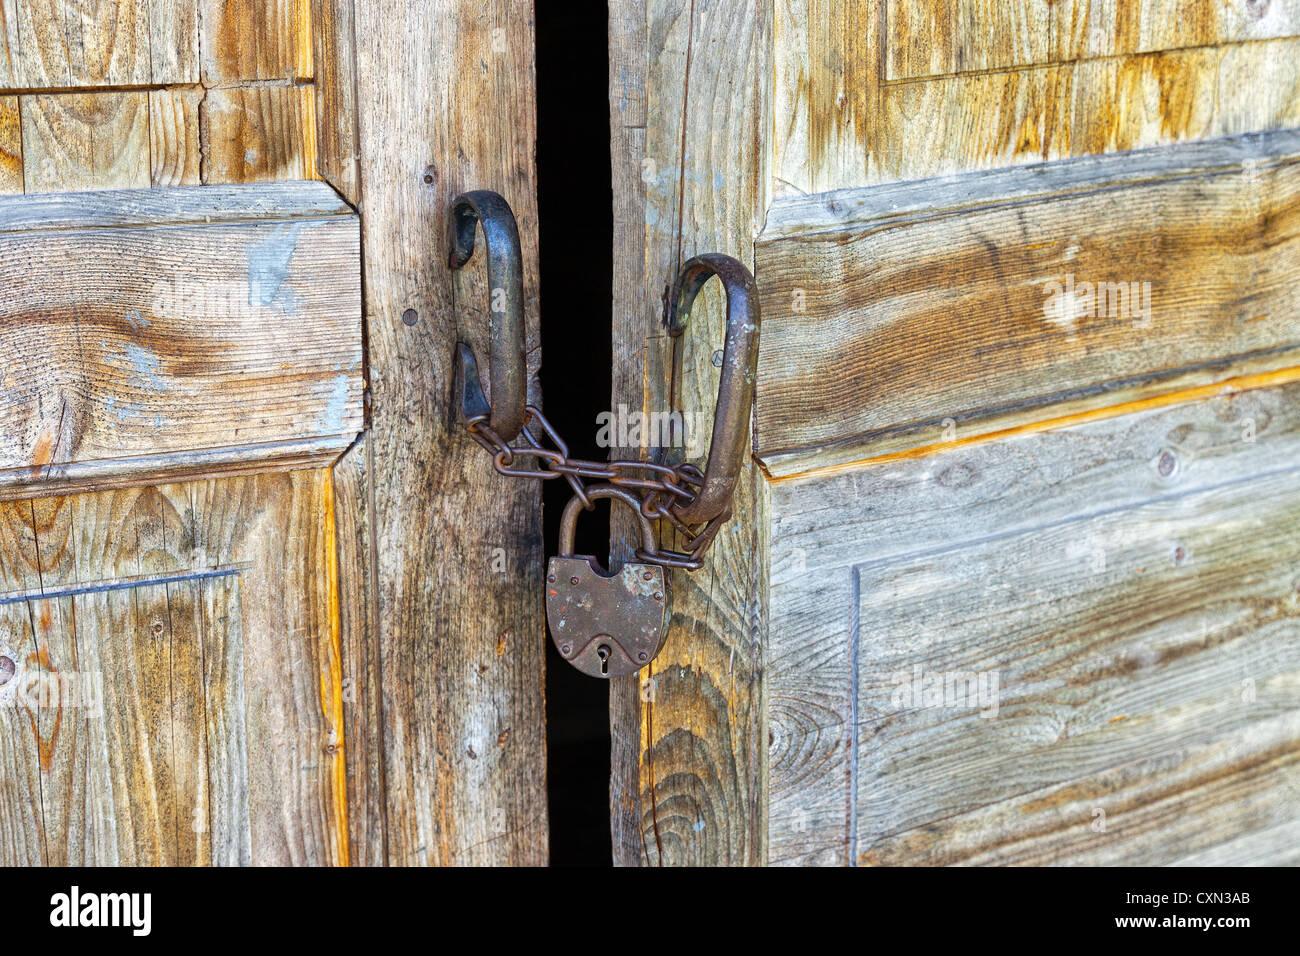 Rusty padlock on an old wooden door - Stock Image